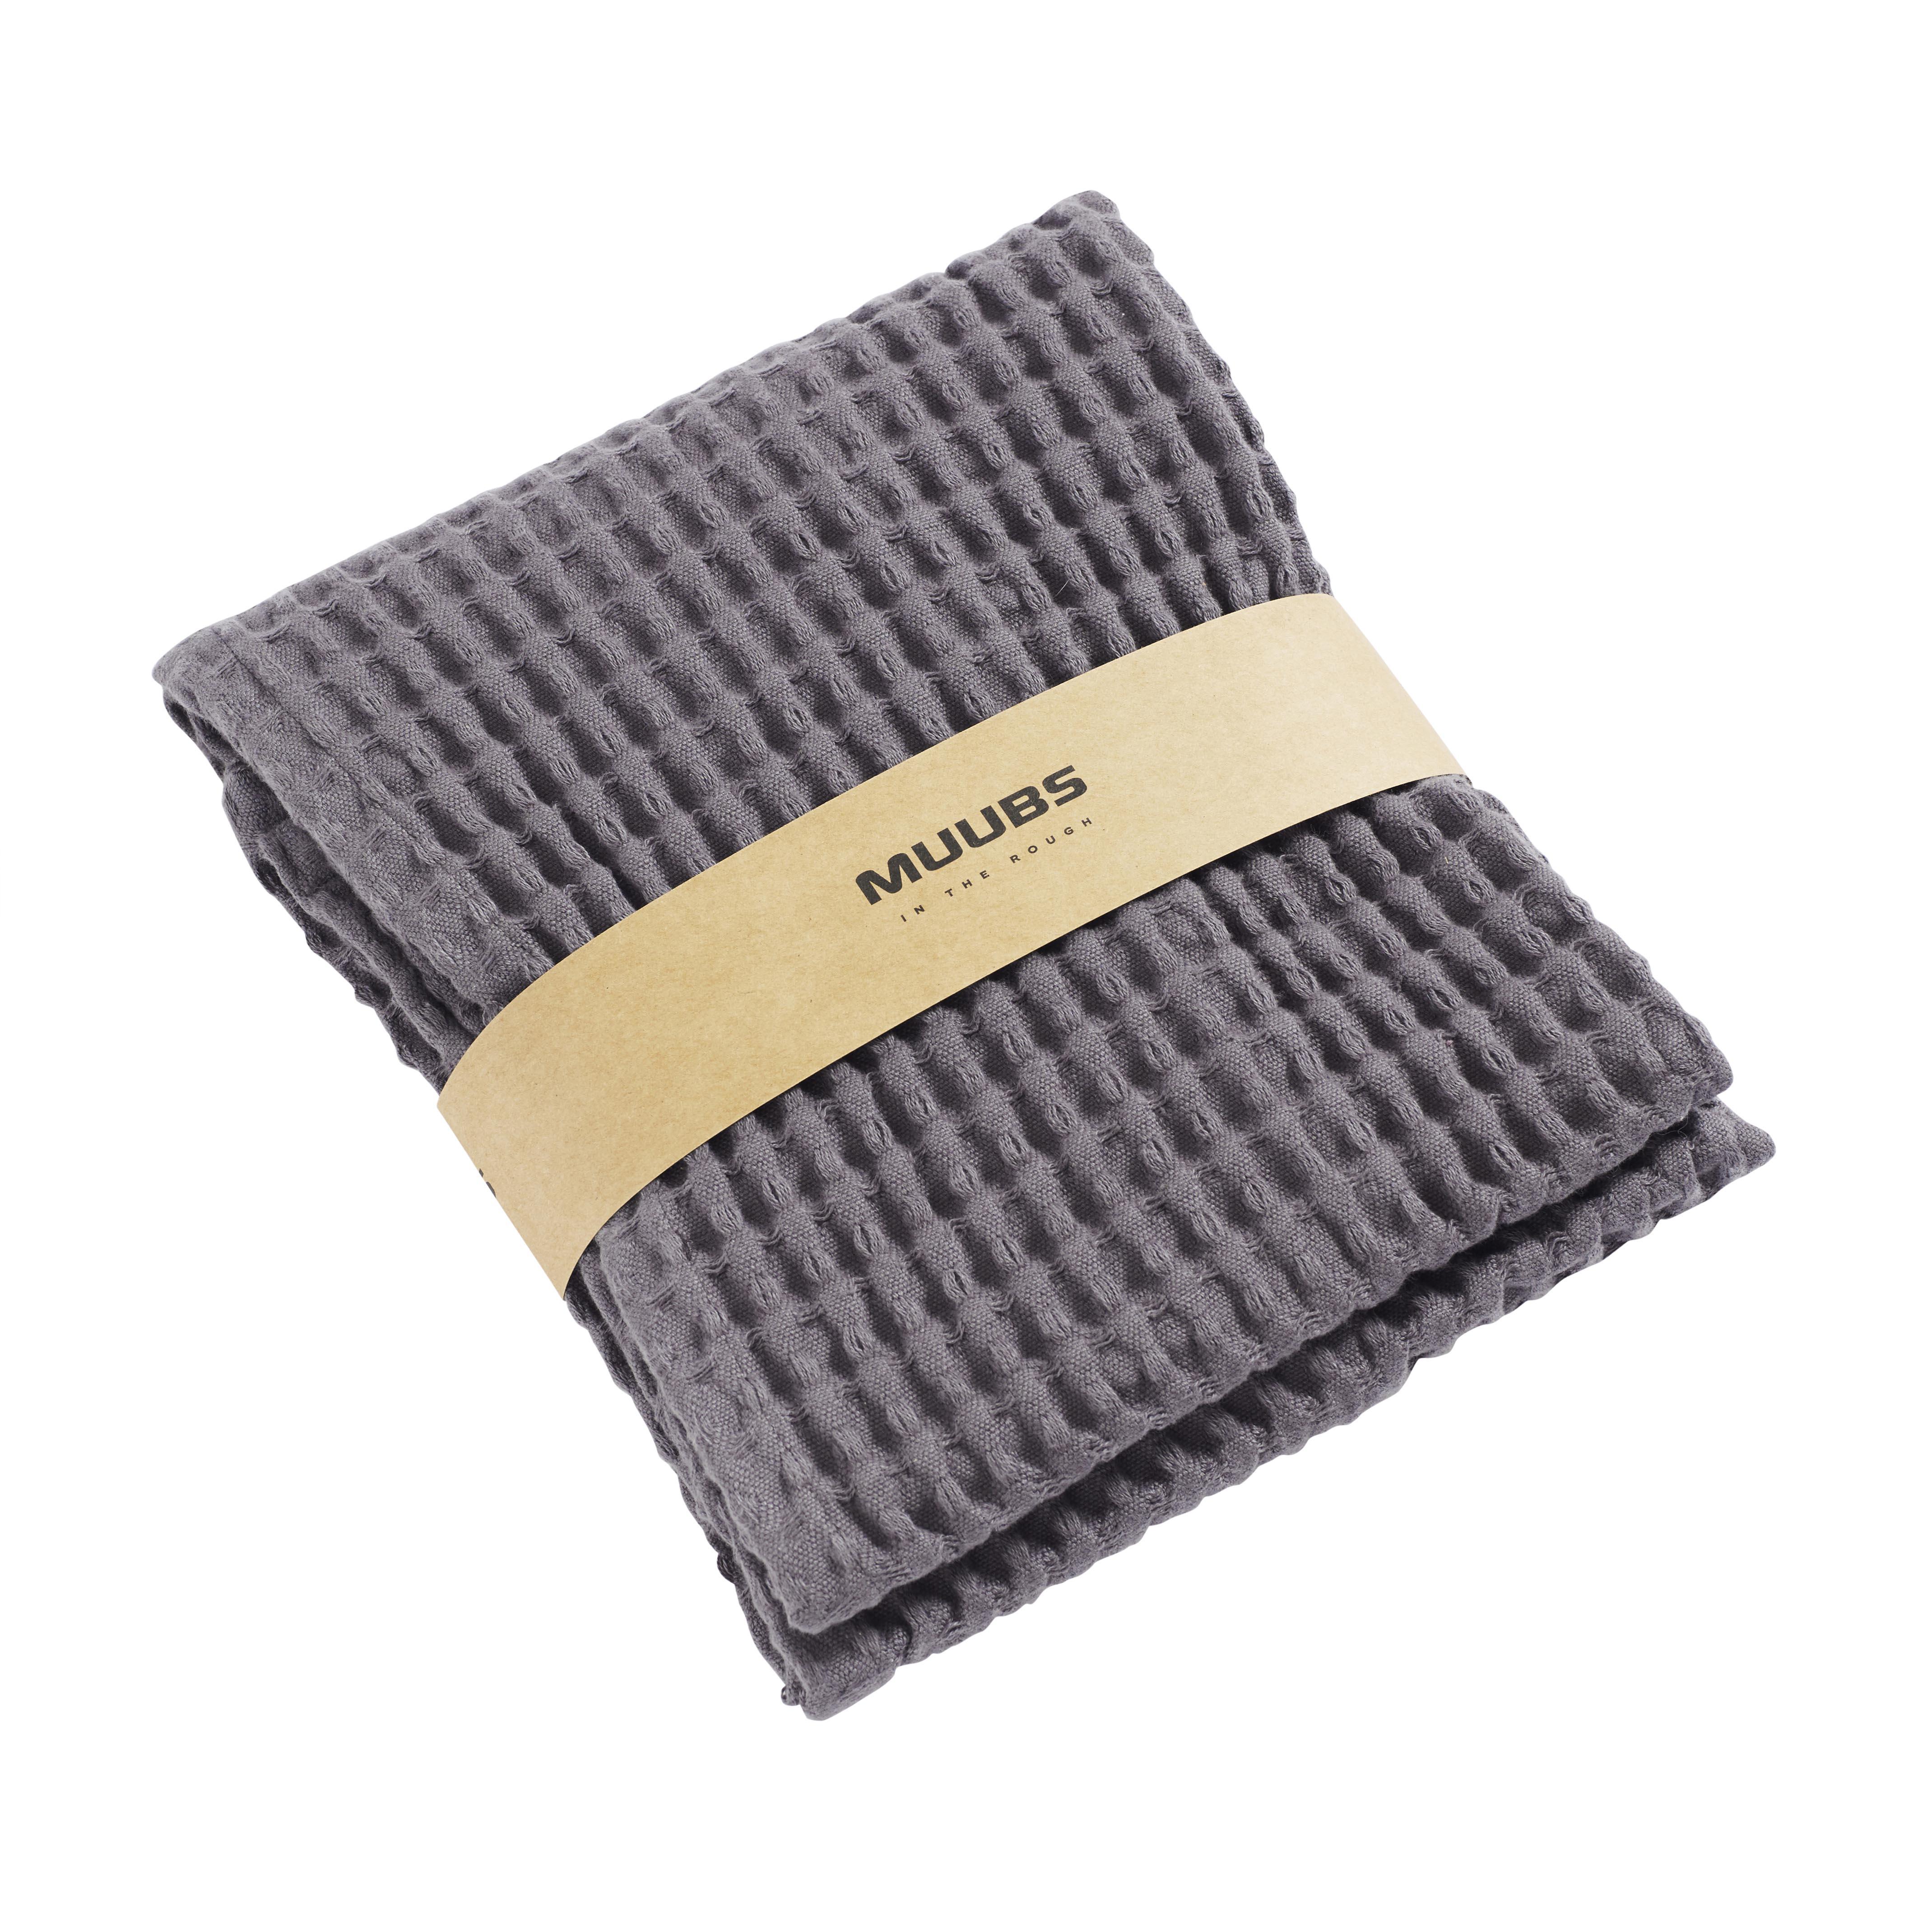 MUUBS, Gæstehåndklæde, 100x50cm - Grå